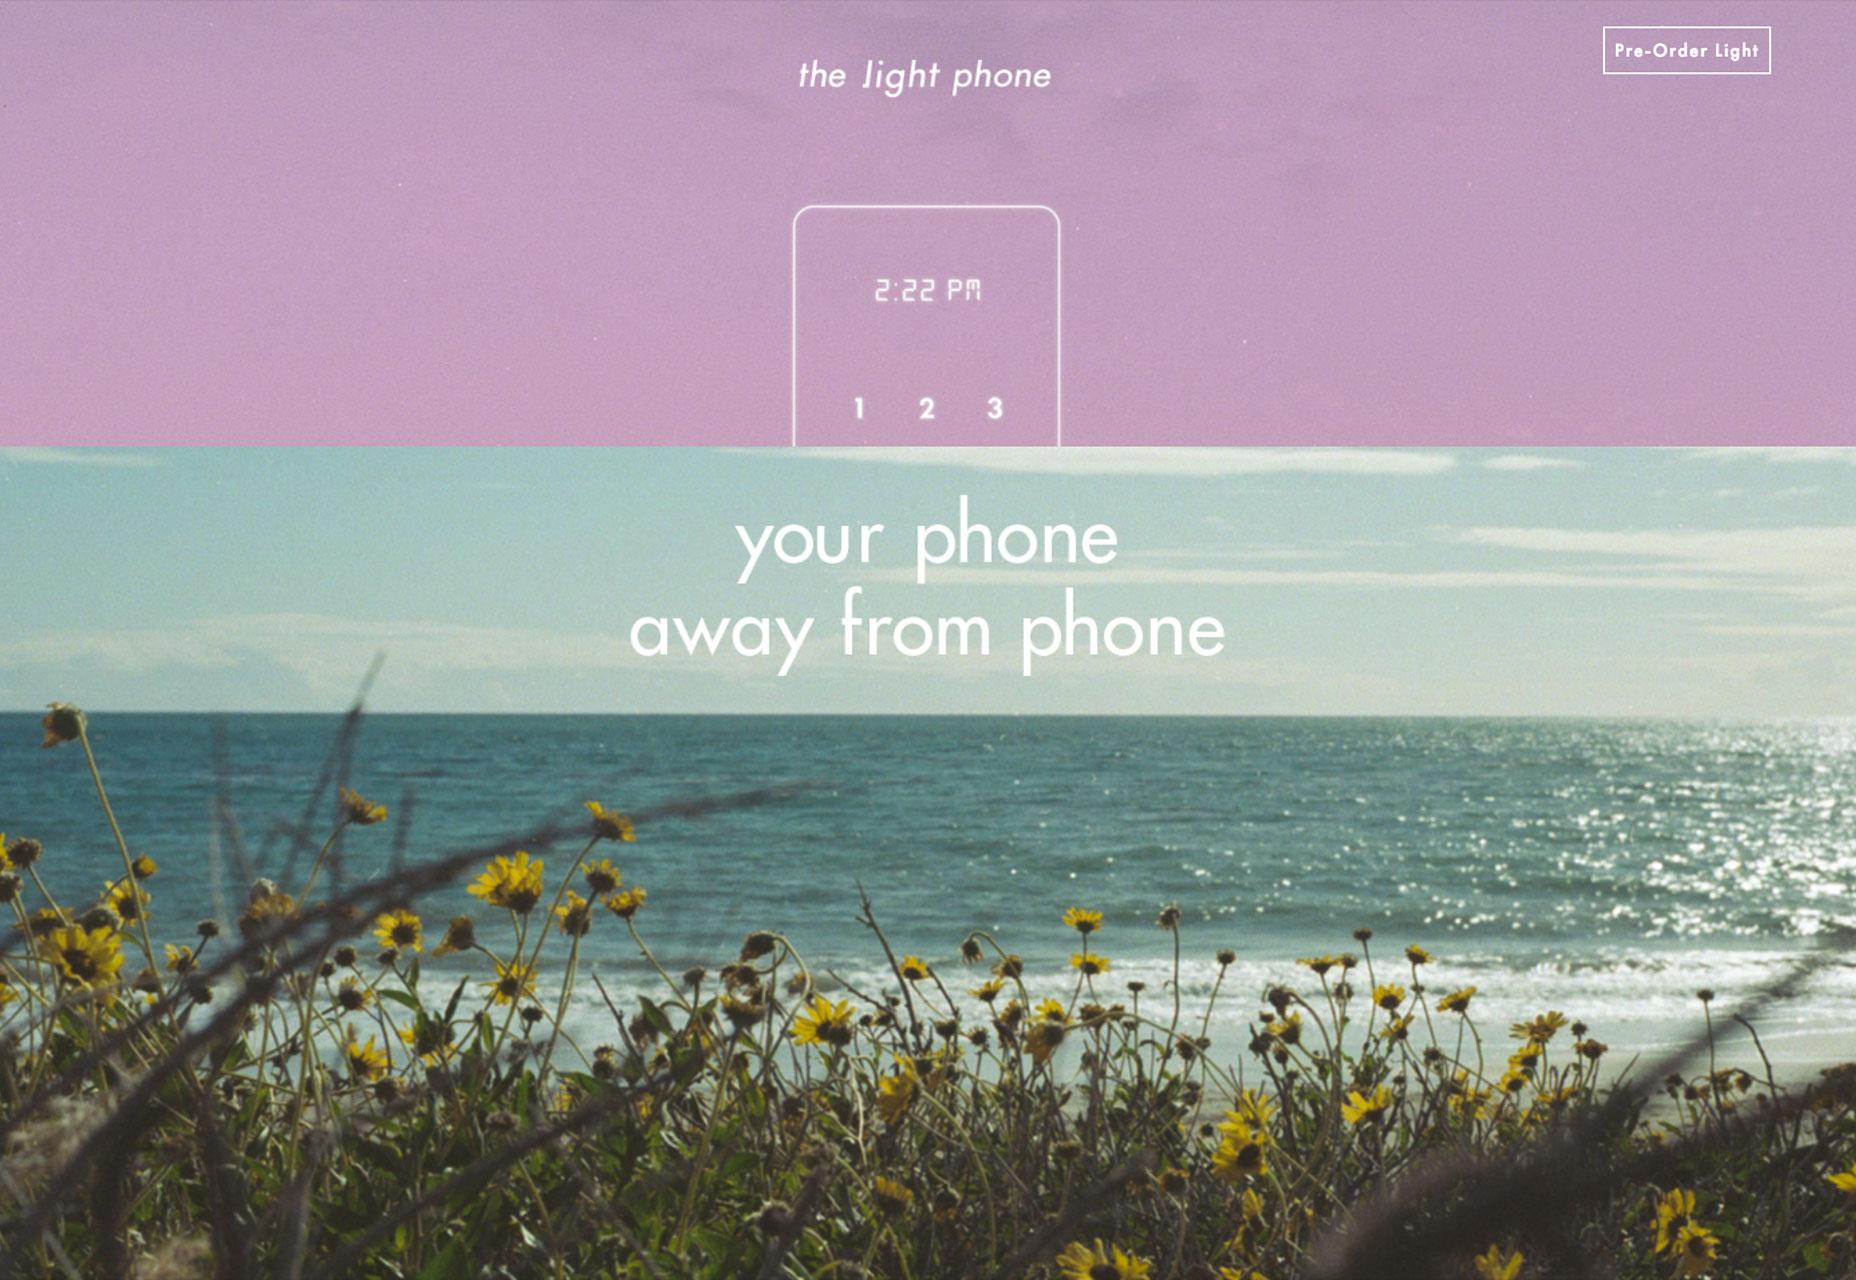 thelightphone